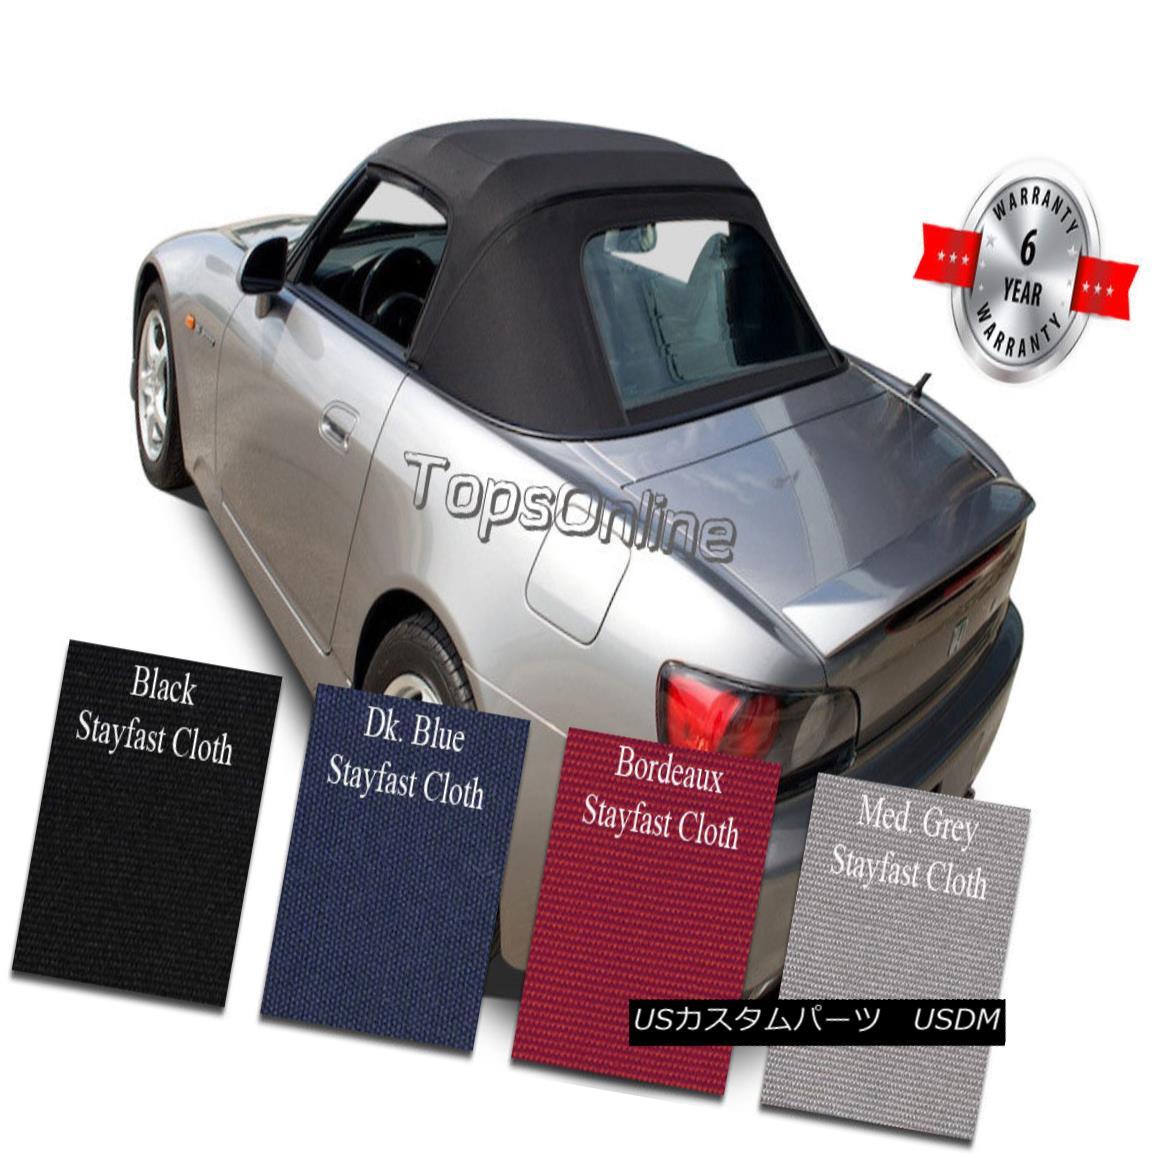 幌・ソフトトップ Honda S2000 Convertible Soft Top W/Plastic Window & Video, Stayfast Cloth 99-01 ホンダS2000コンバーチブルソフトトップW /プラスチック窓& ビデオ、ステイファストクロス99-01